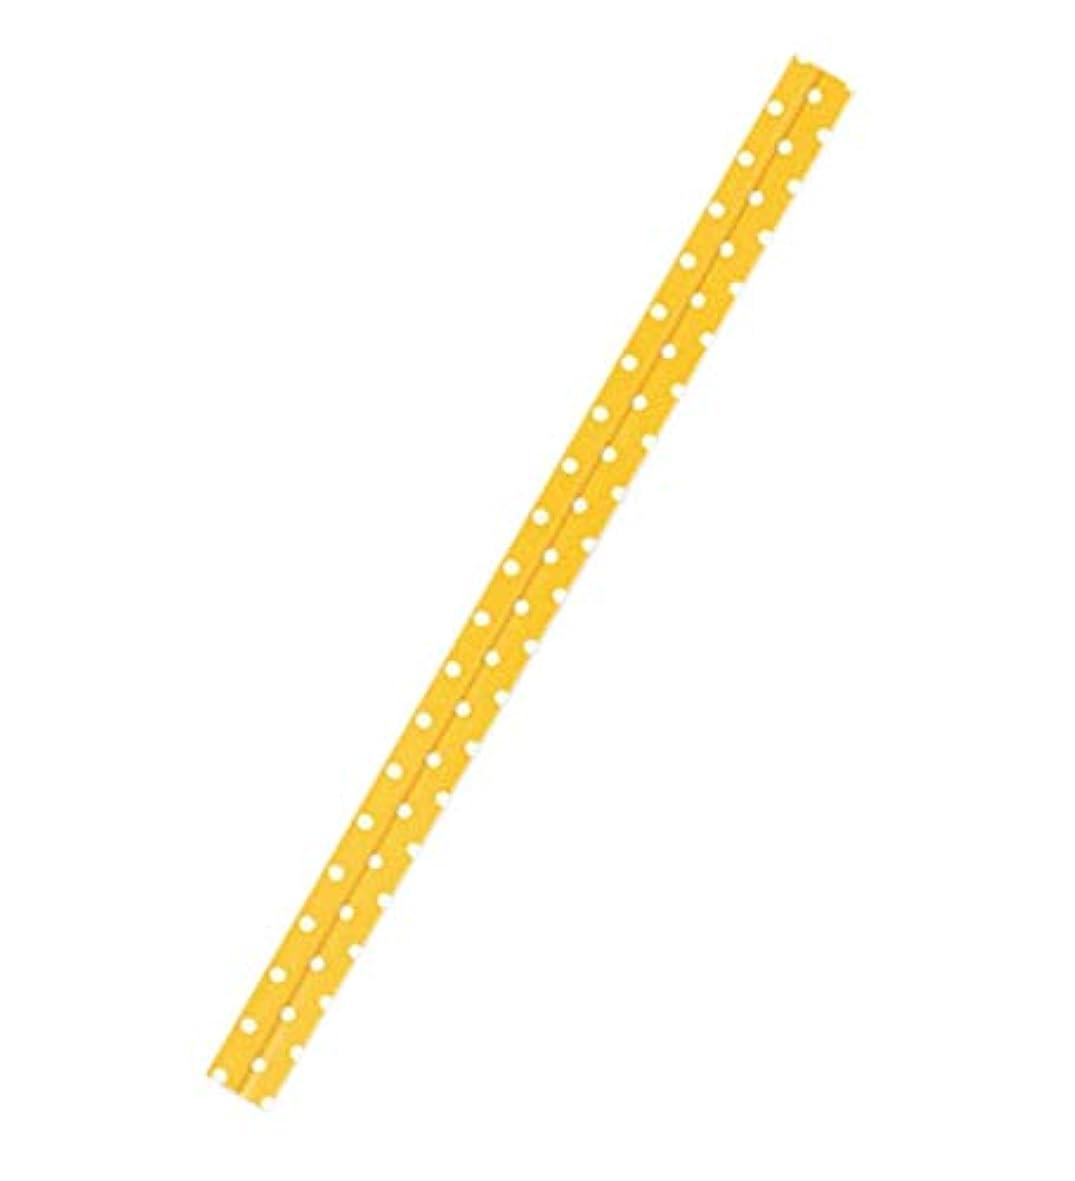 応用アンテナブースHEIKO ポップタイ 8mm幅×12cm D-3 レモン 30本入り/62-0989-64